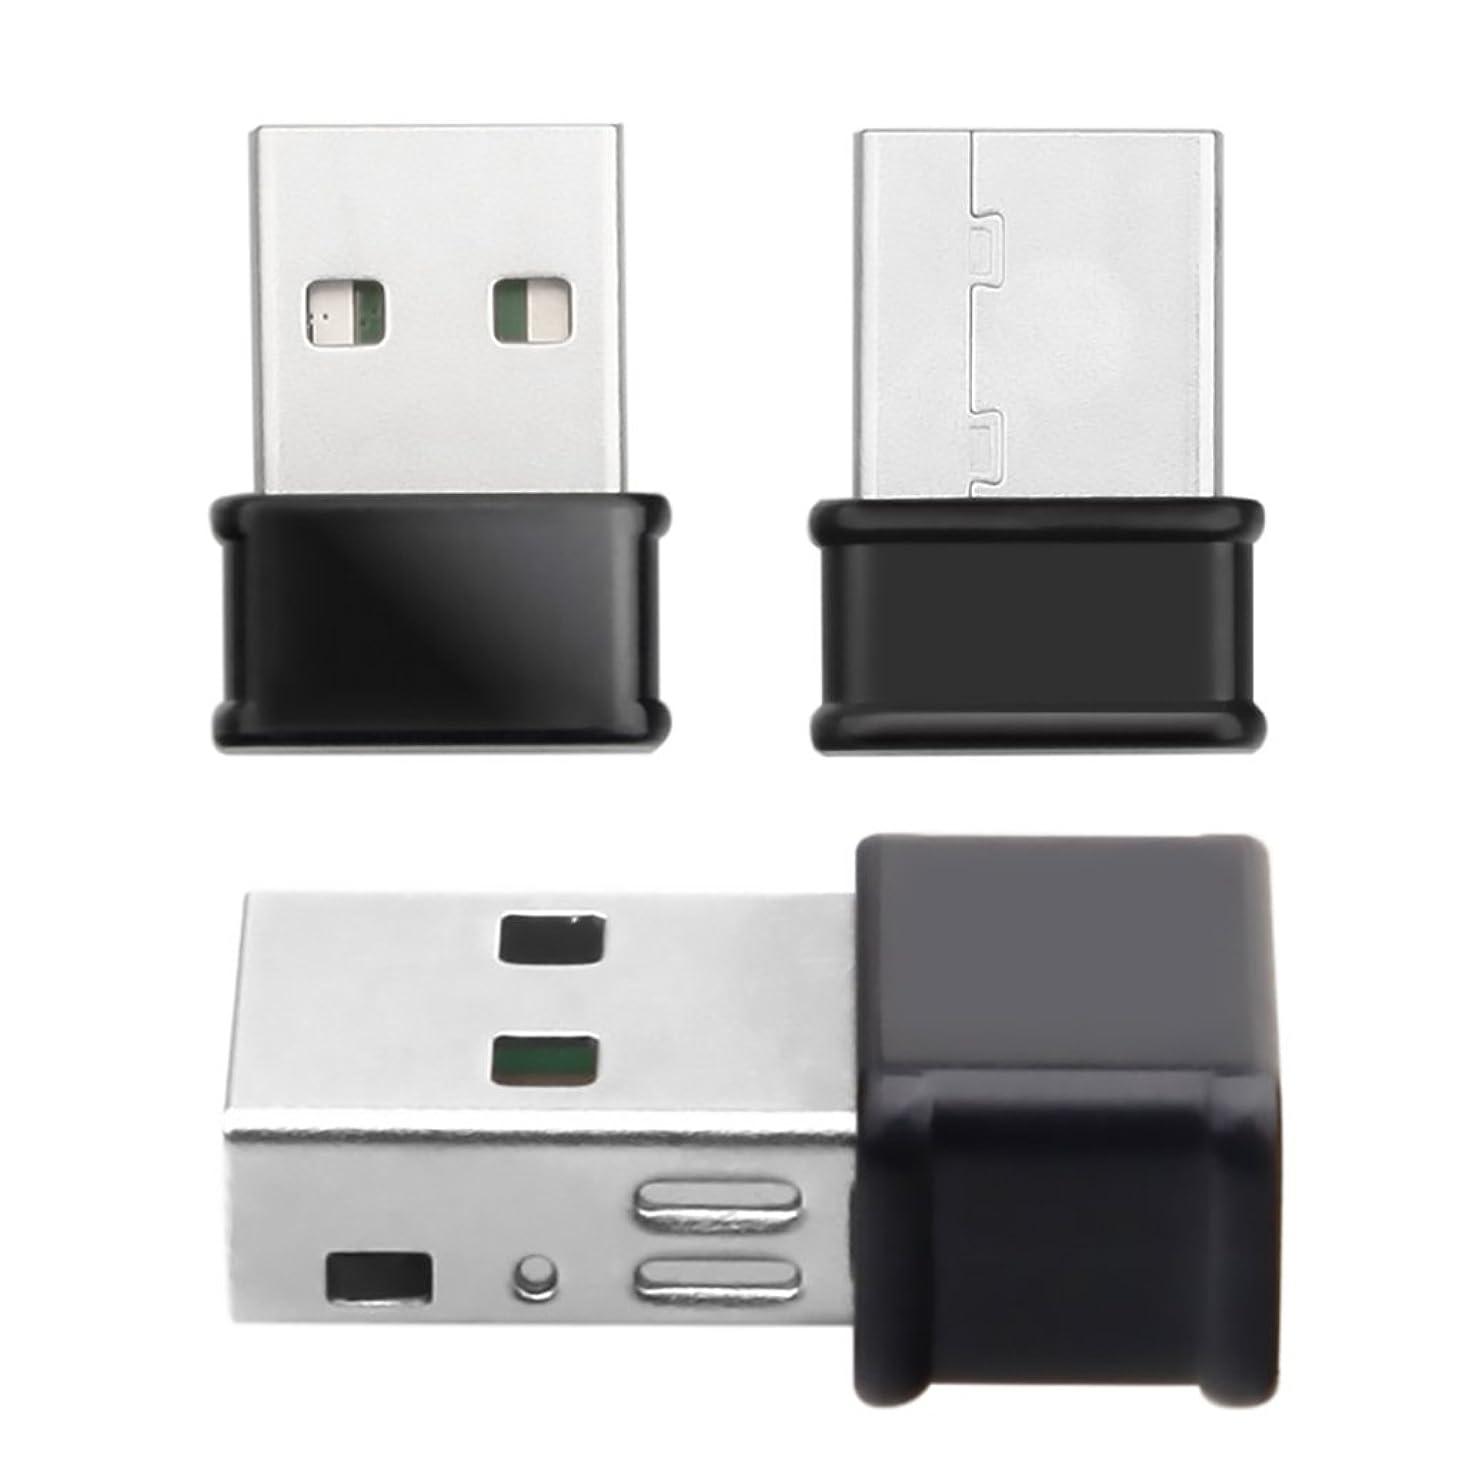 Baoyouls デスクトップのための802.11ac 1200Mbpsデュアルバンド2.4G 5G無線Nano USB wifiのアダプター